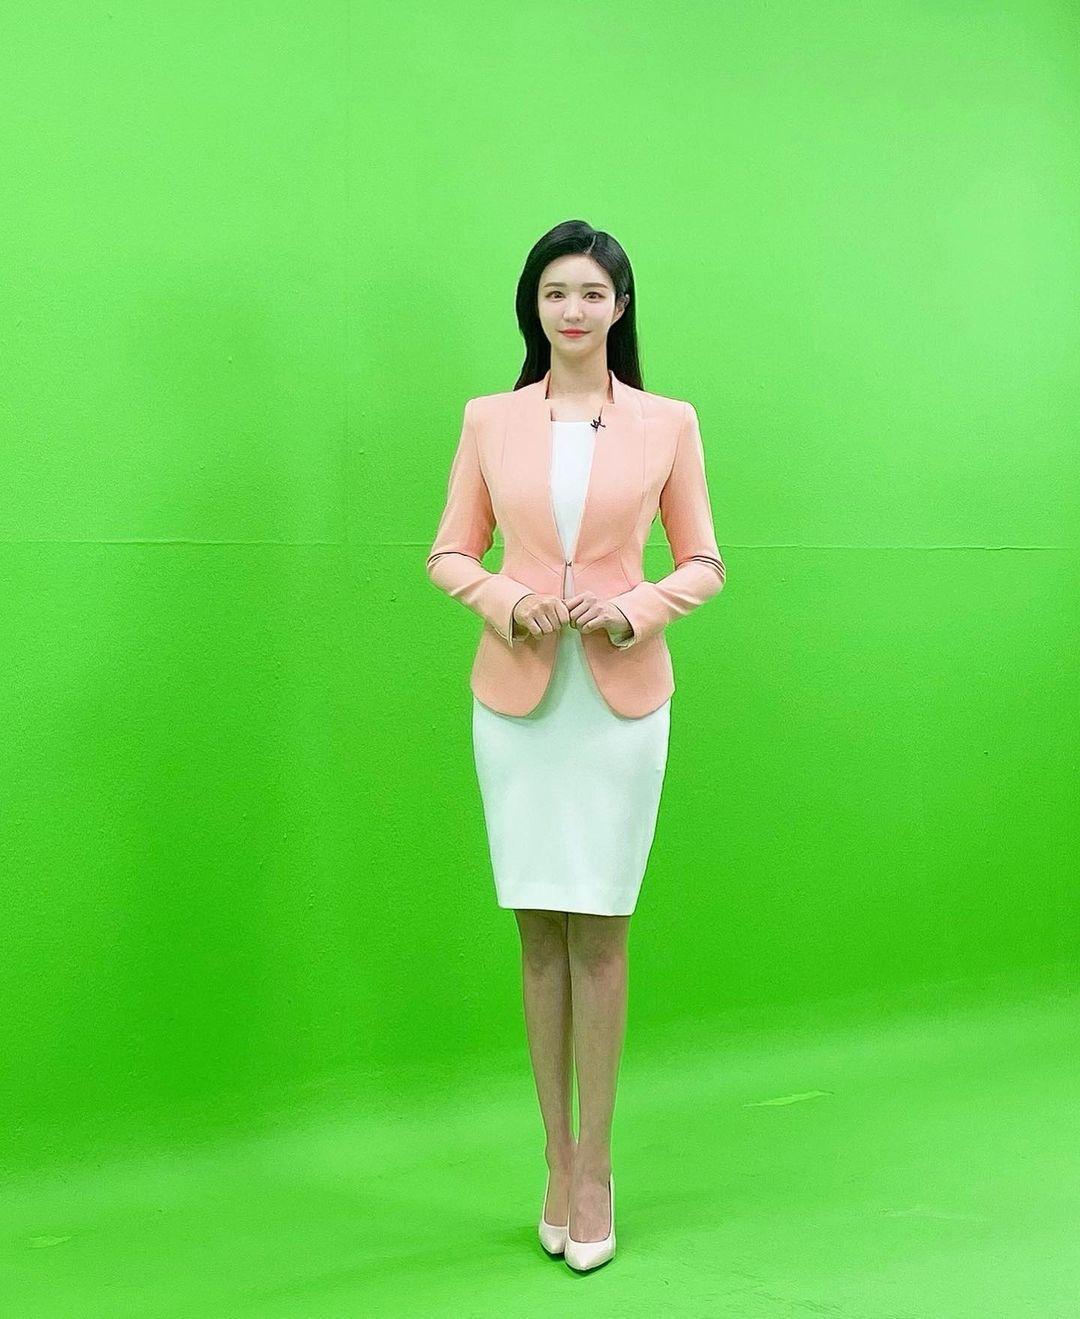 韩国美女主播「尹浩延」爱打高尔夫.球衣衬托超吸睛 养眼图片 第26张